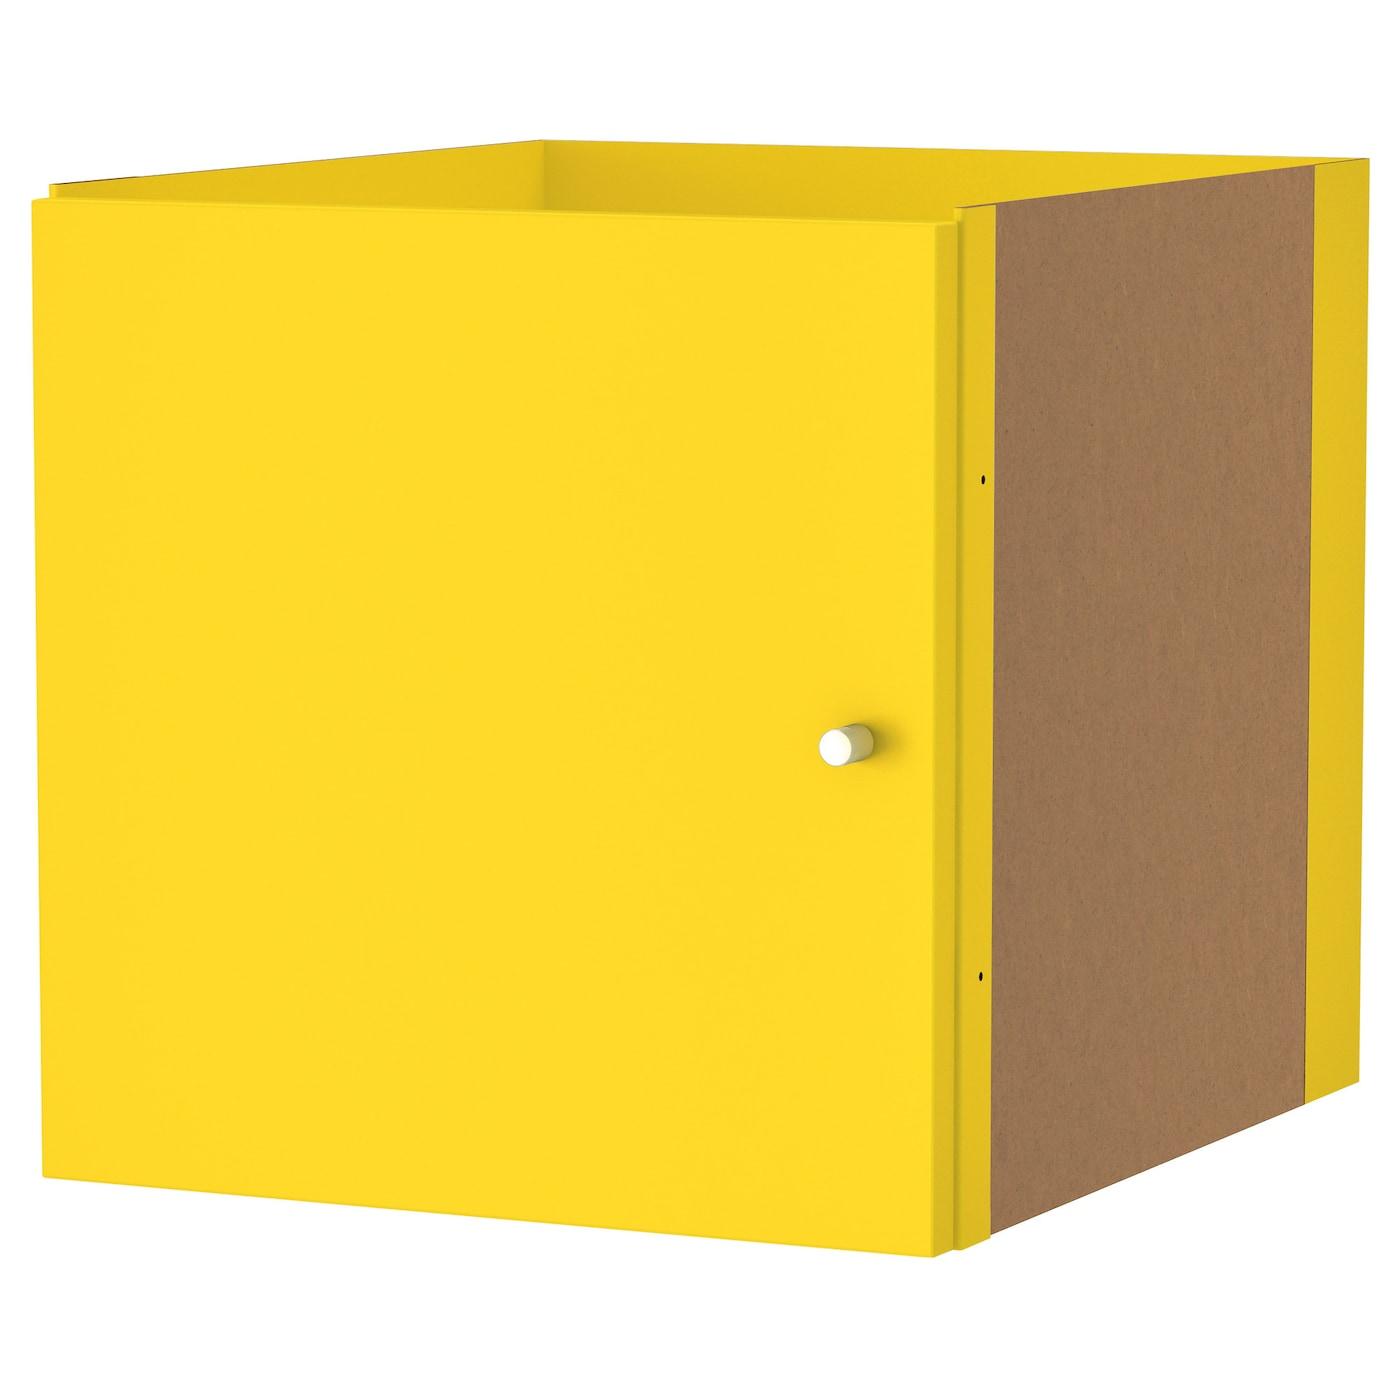 KALLAX, Einsatz mit Tür, gelb 203.233.82